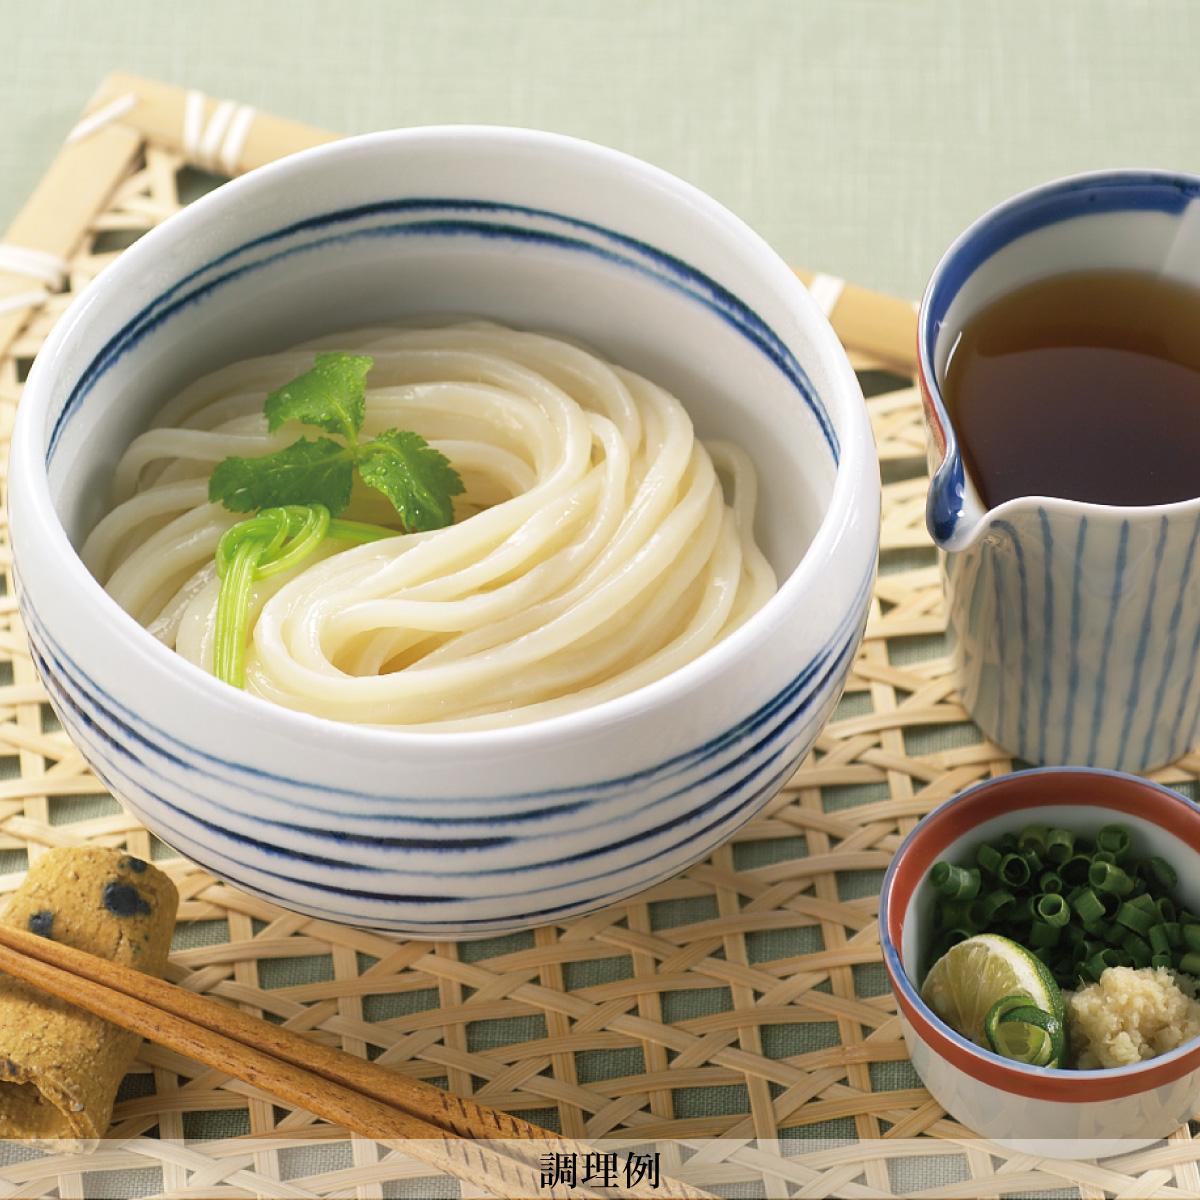 【キャンペーン】爽秋国産乾麺詰合せ【送料込※】